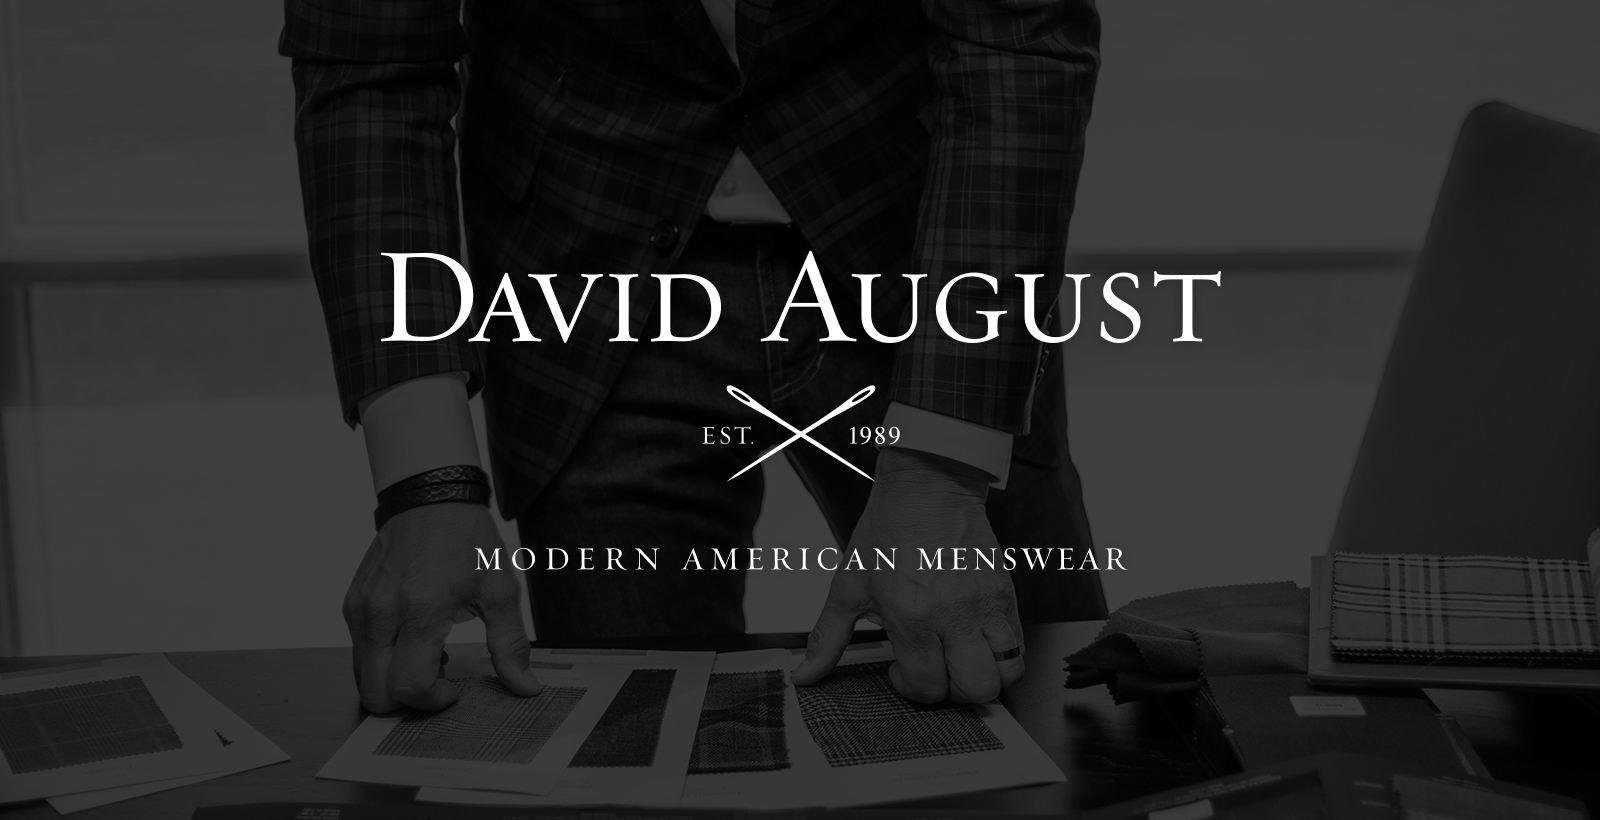 david august logo refresh full logo mark design